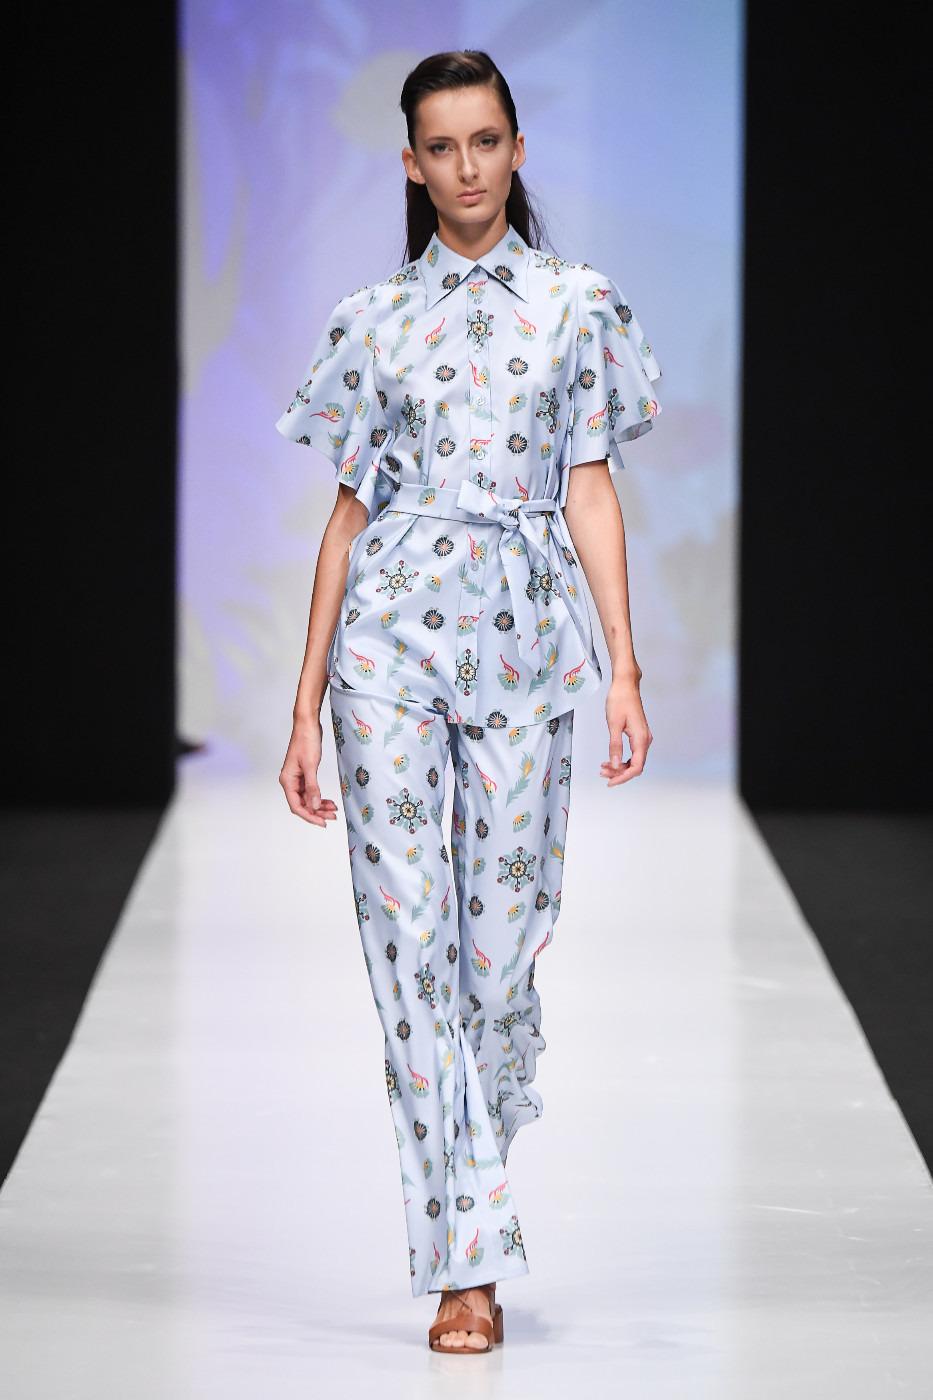 Модные тренды 2017 - бельевой стиль